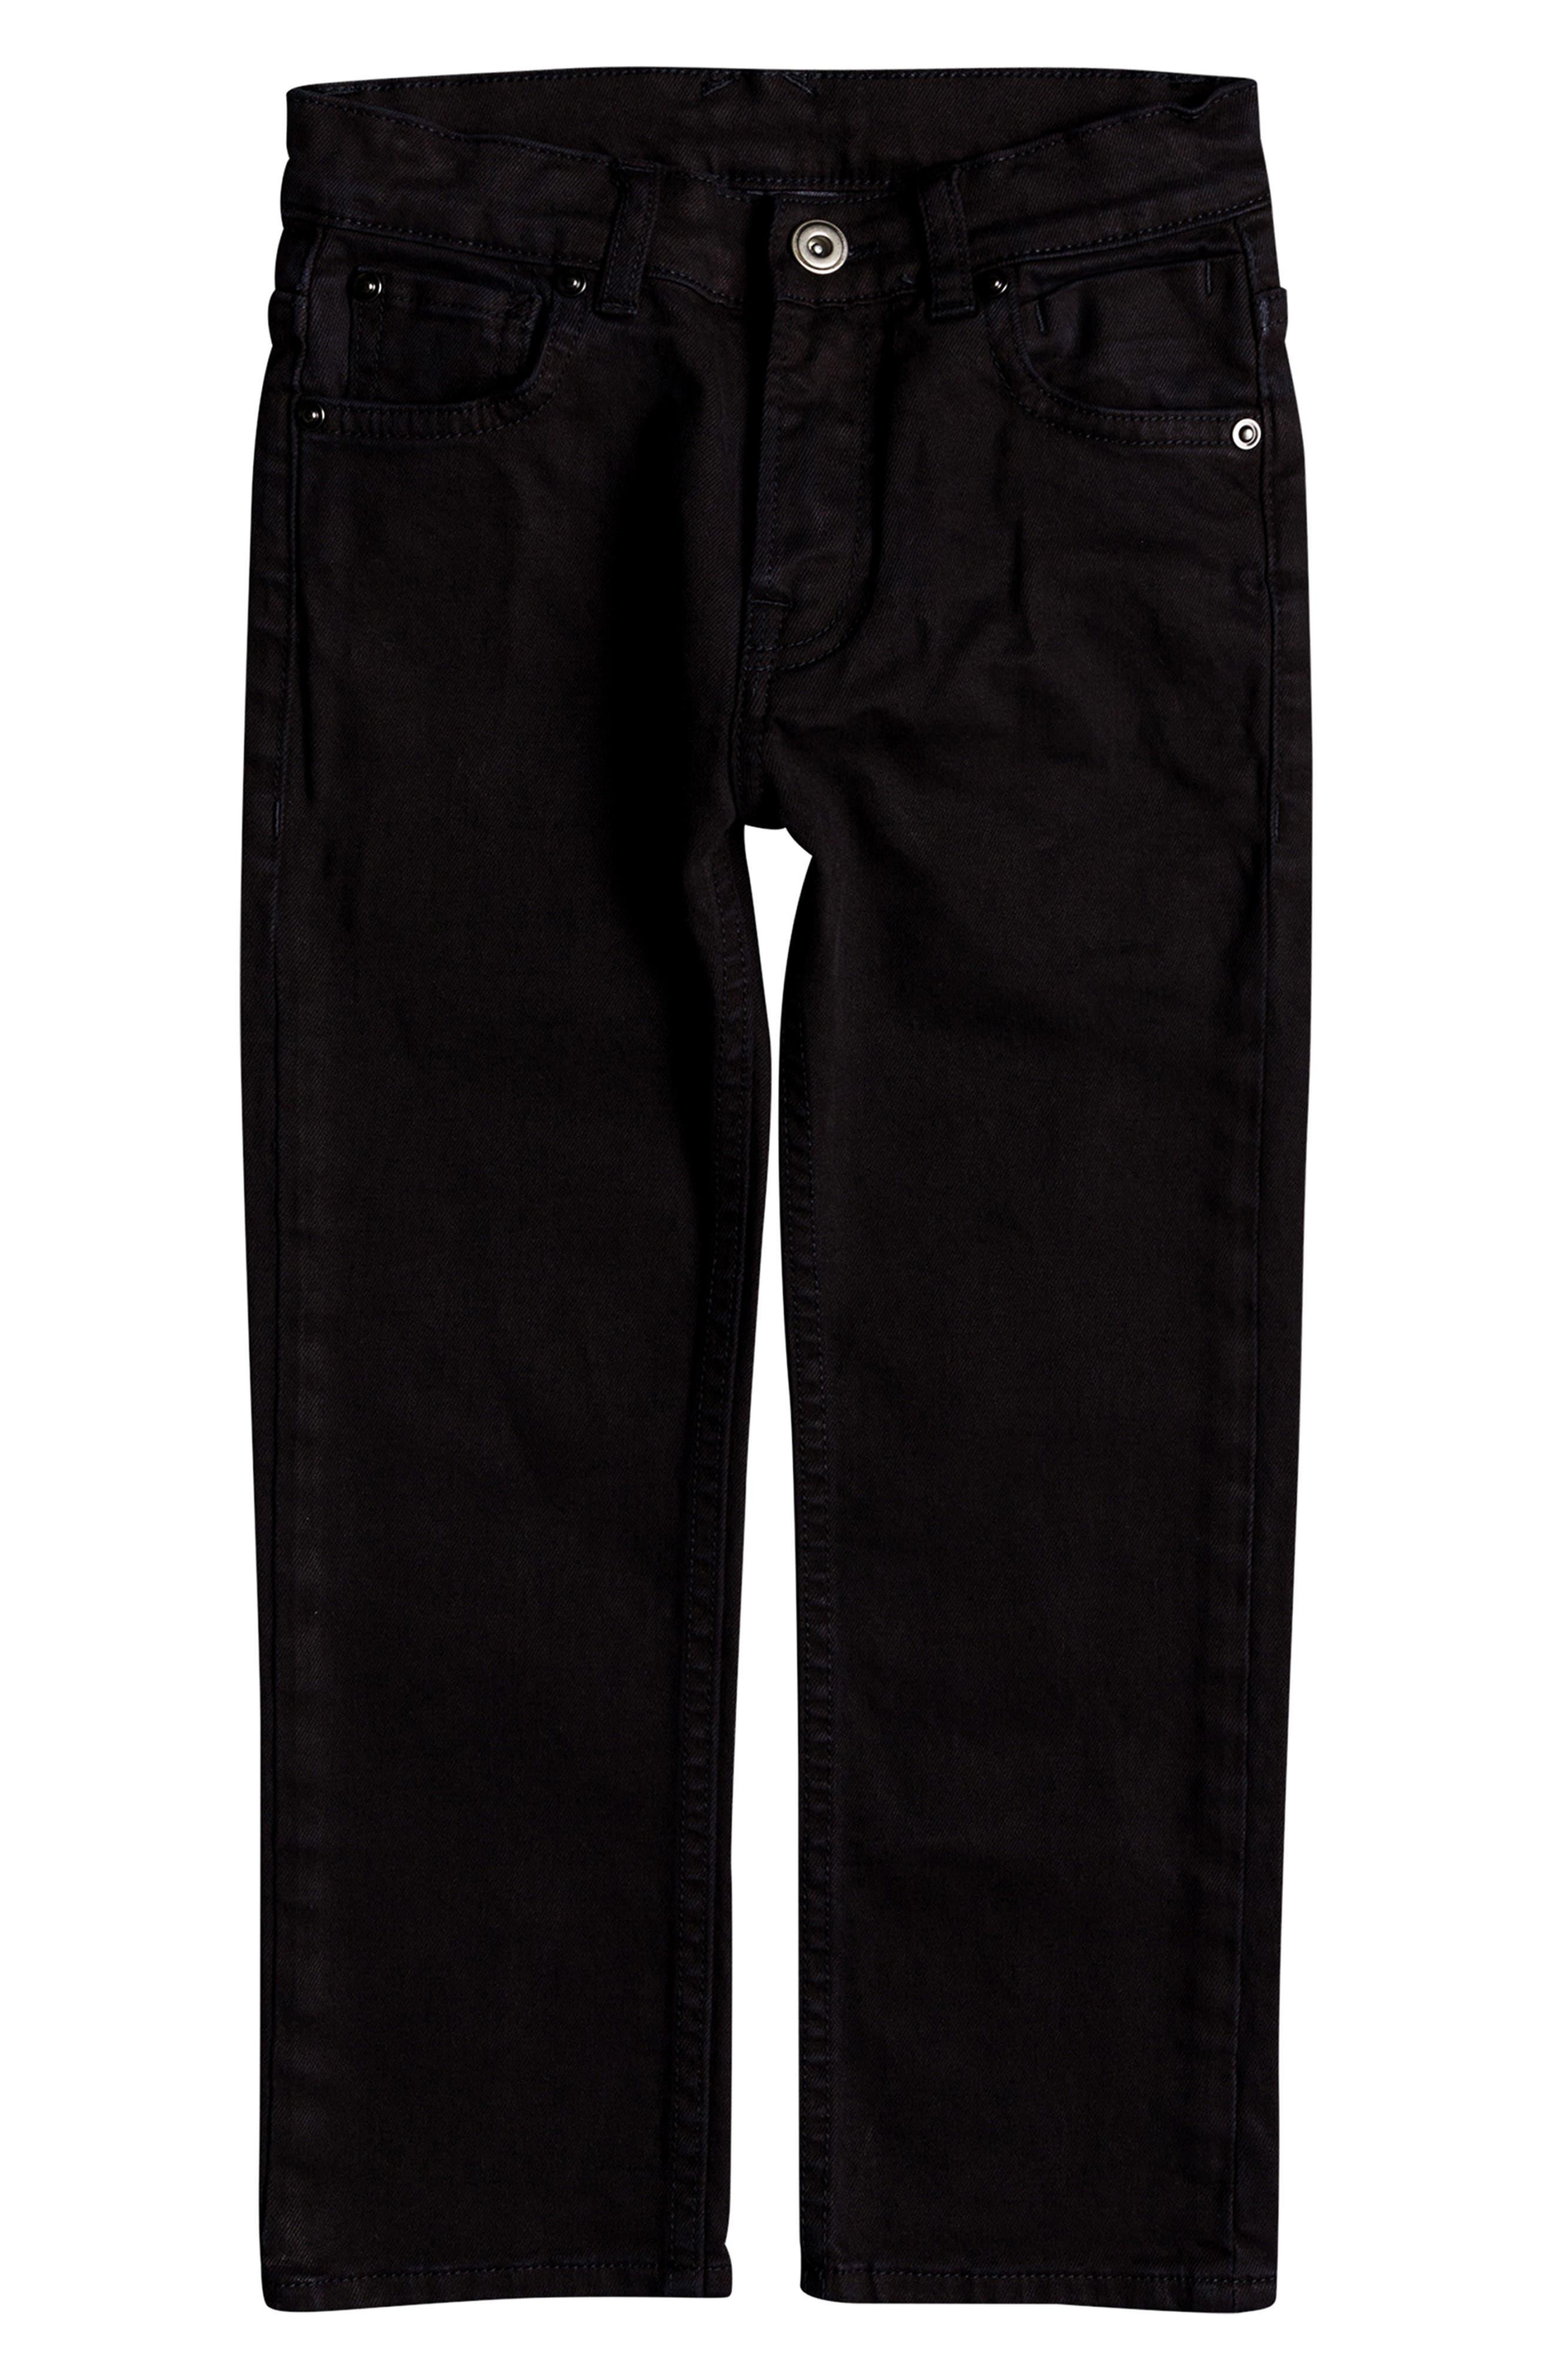 Distorsion Colors Slim Fit Straight Leg Jeans,                         Main,                         color, TARMAC